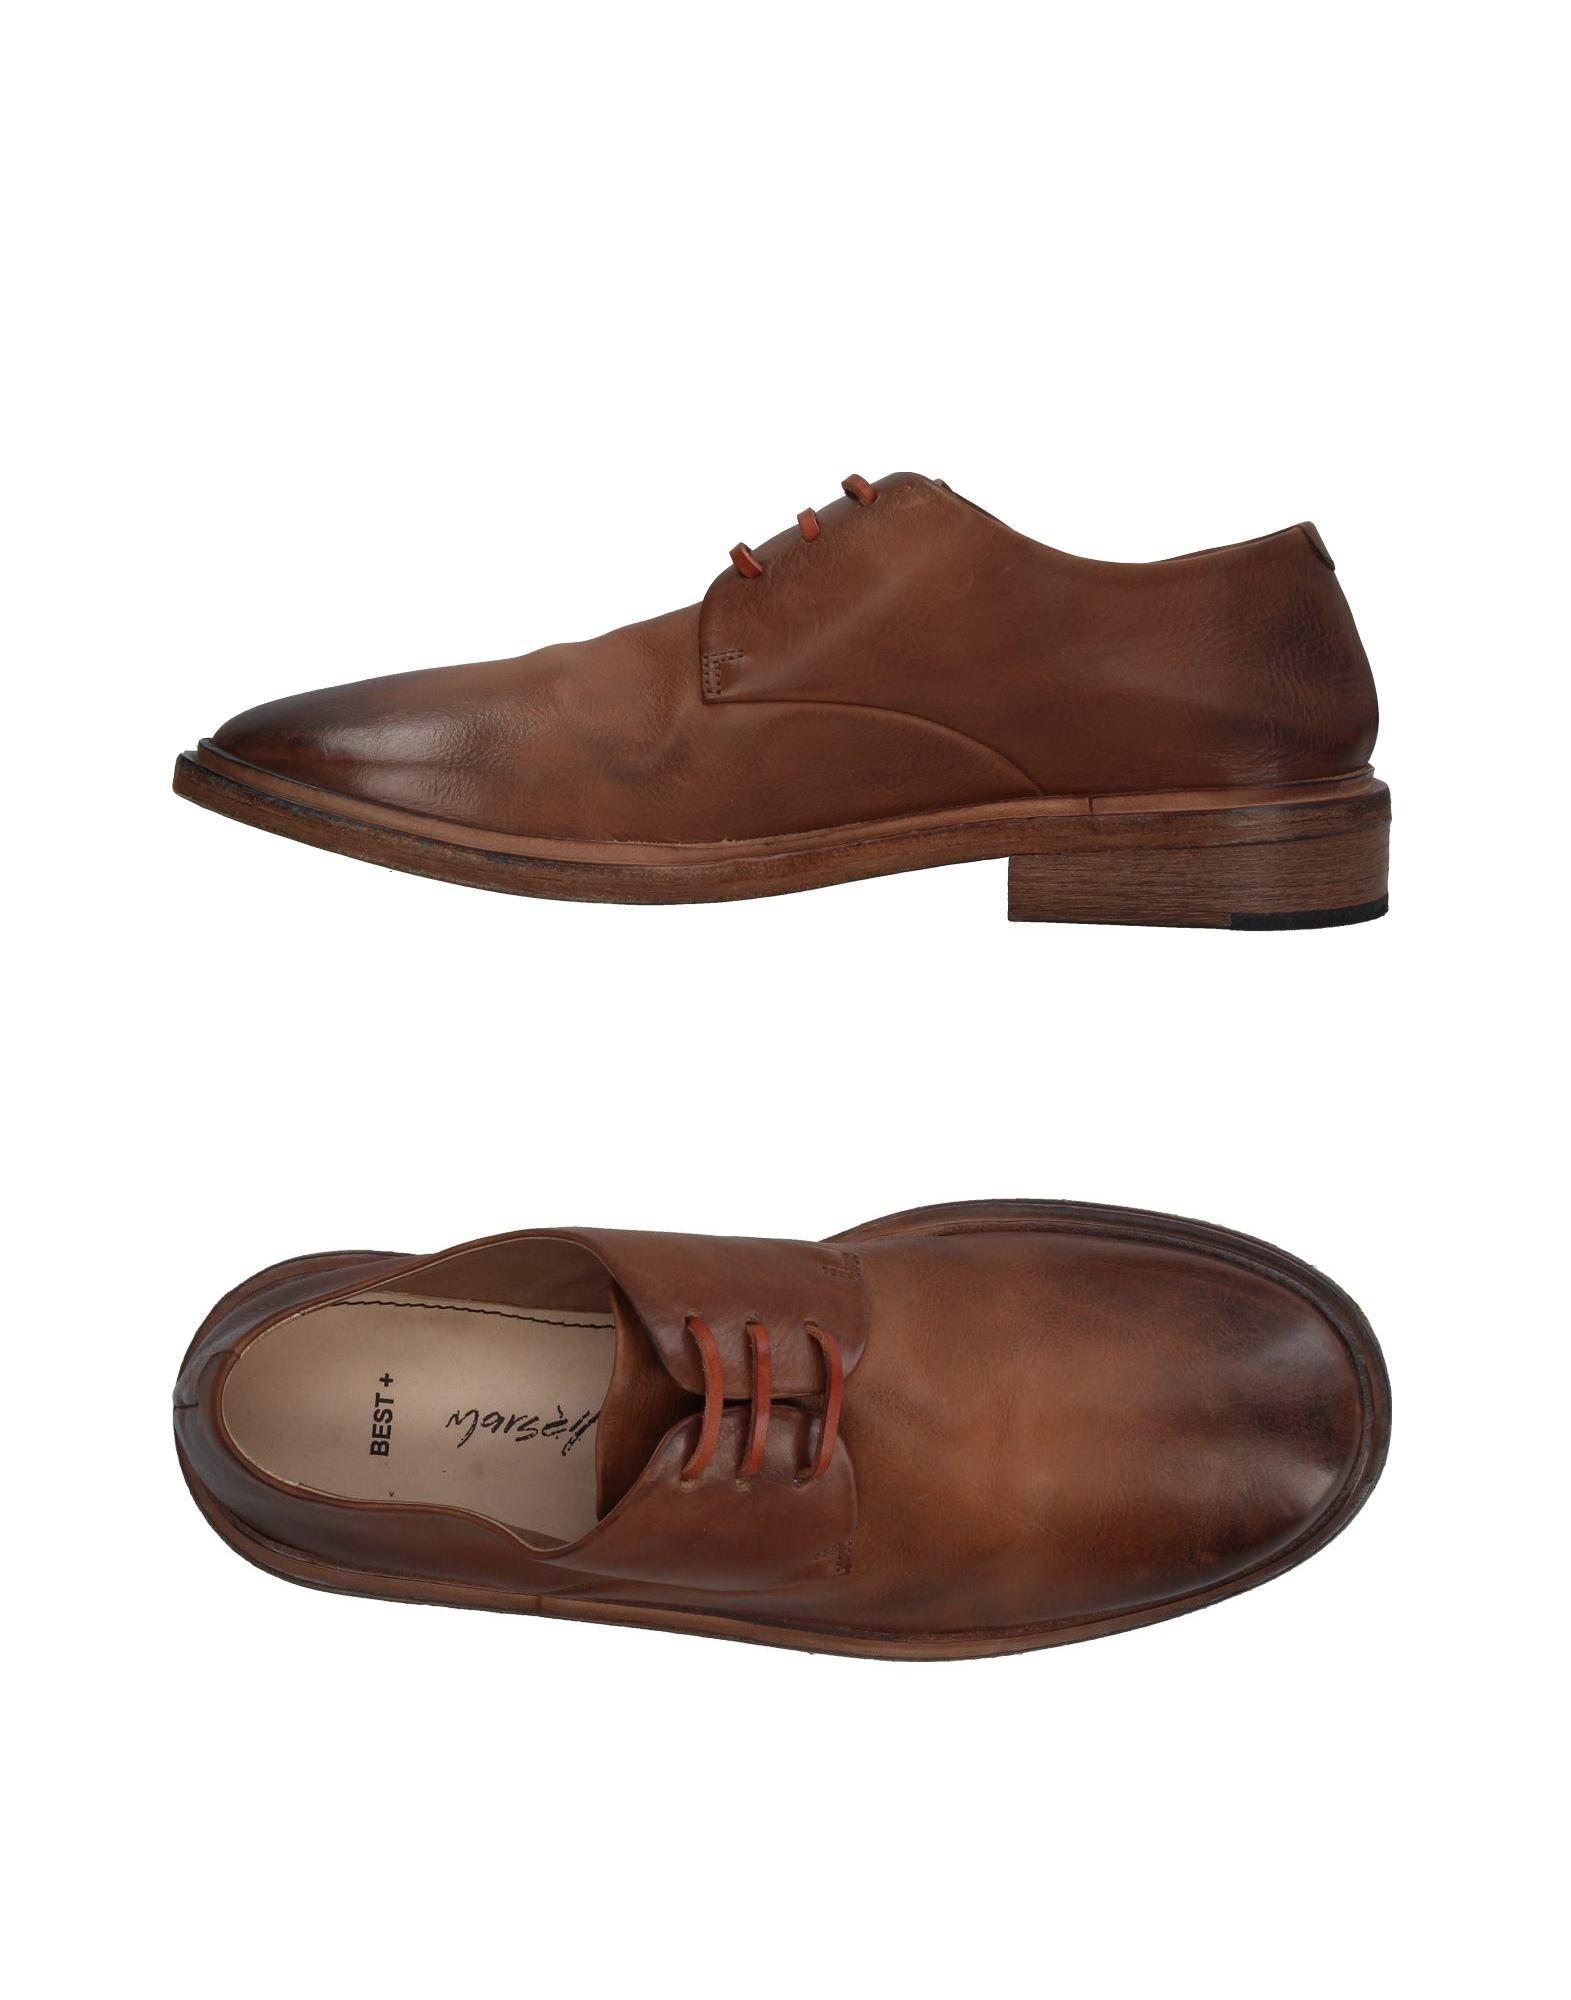 Marsèll Schnürschuhe Herren  11401372SG Gute Qualität beliebte Schuhe